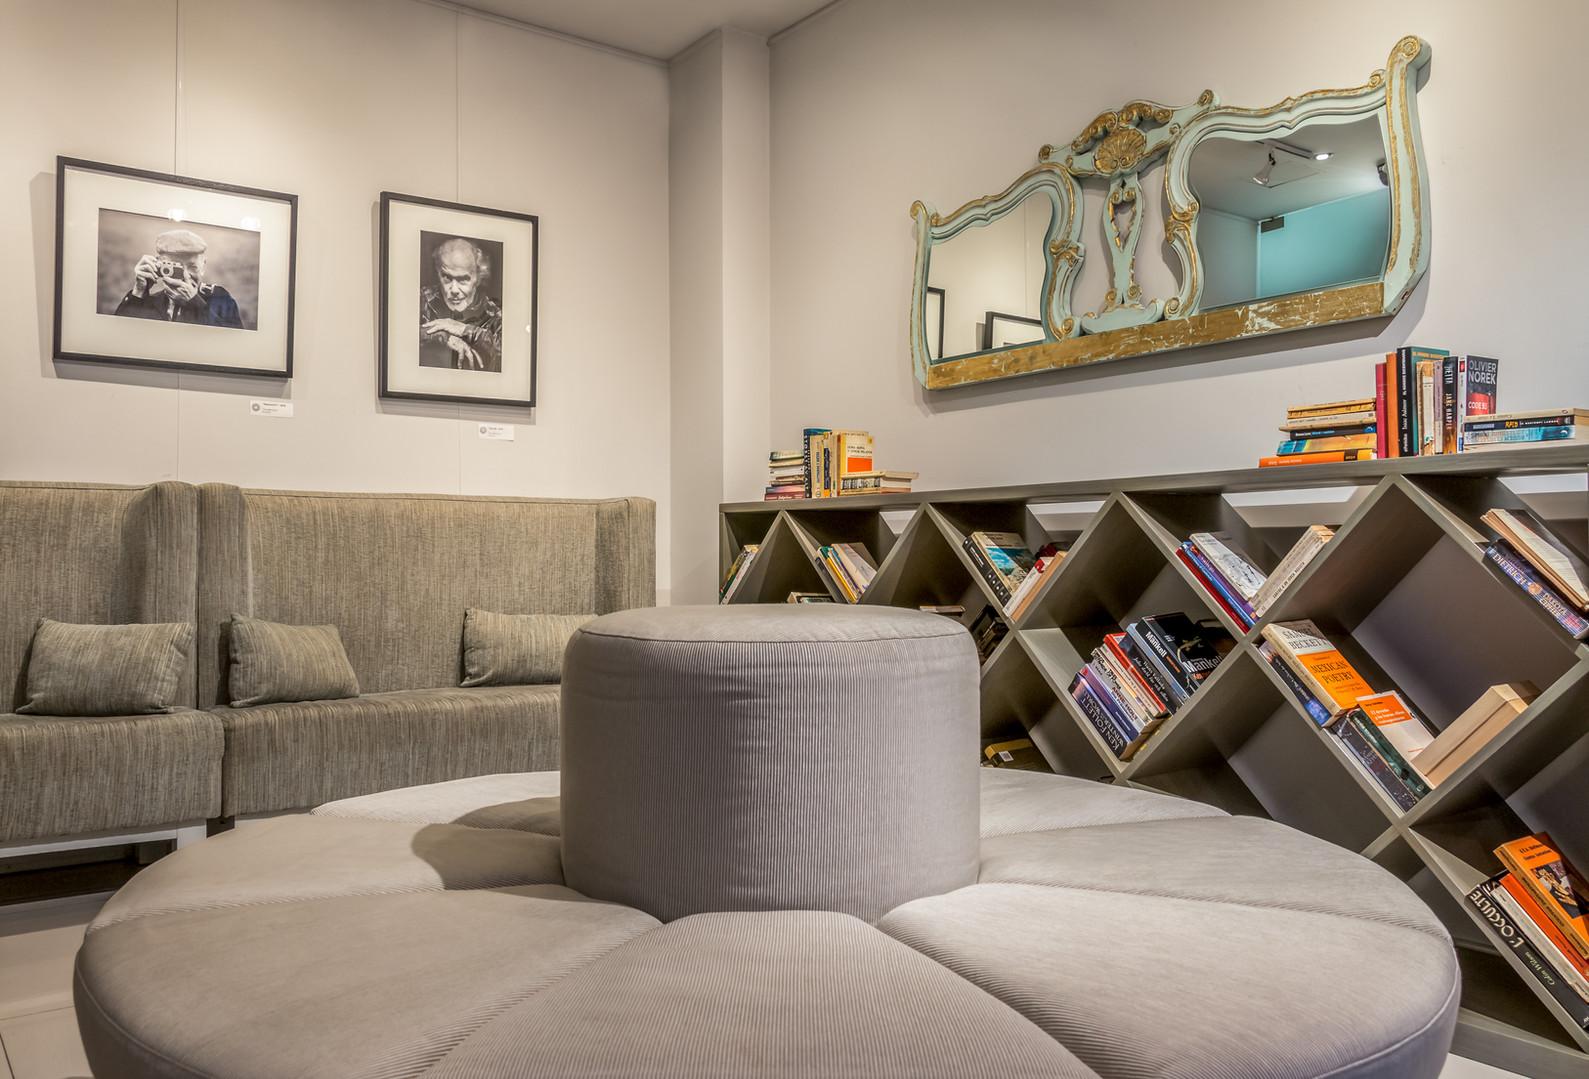 Sileo-sala de lectura_vista 1_V1.jpg